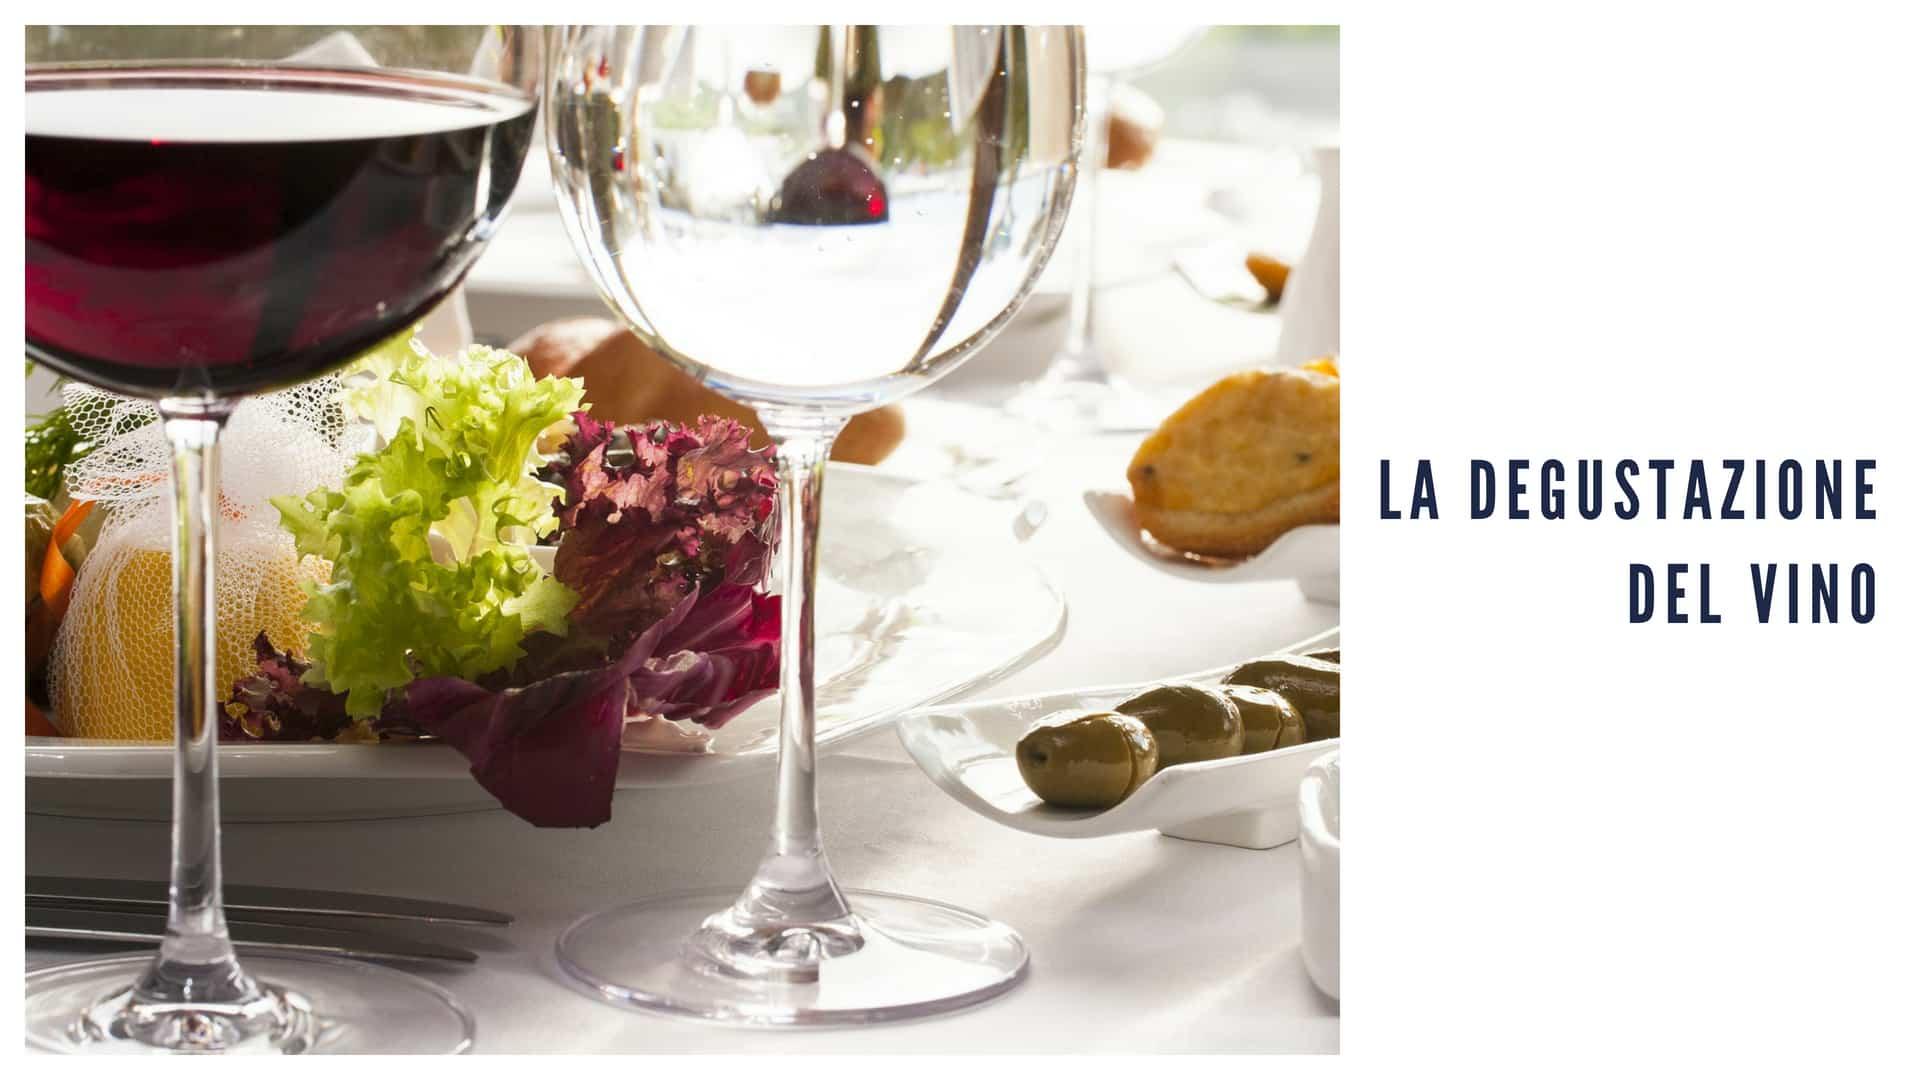 L'aspetto del vino: limpidezza, colore, fluidità, perlage e vivacità